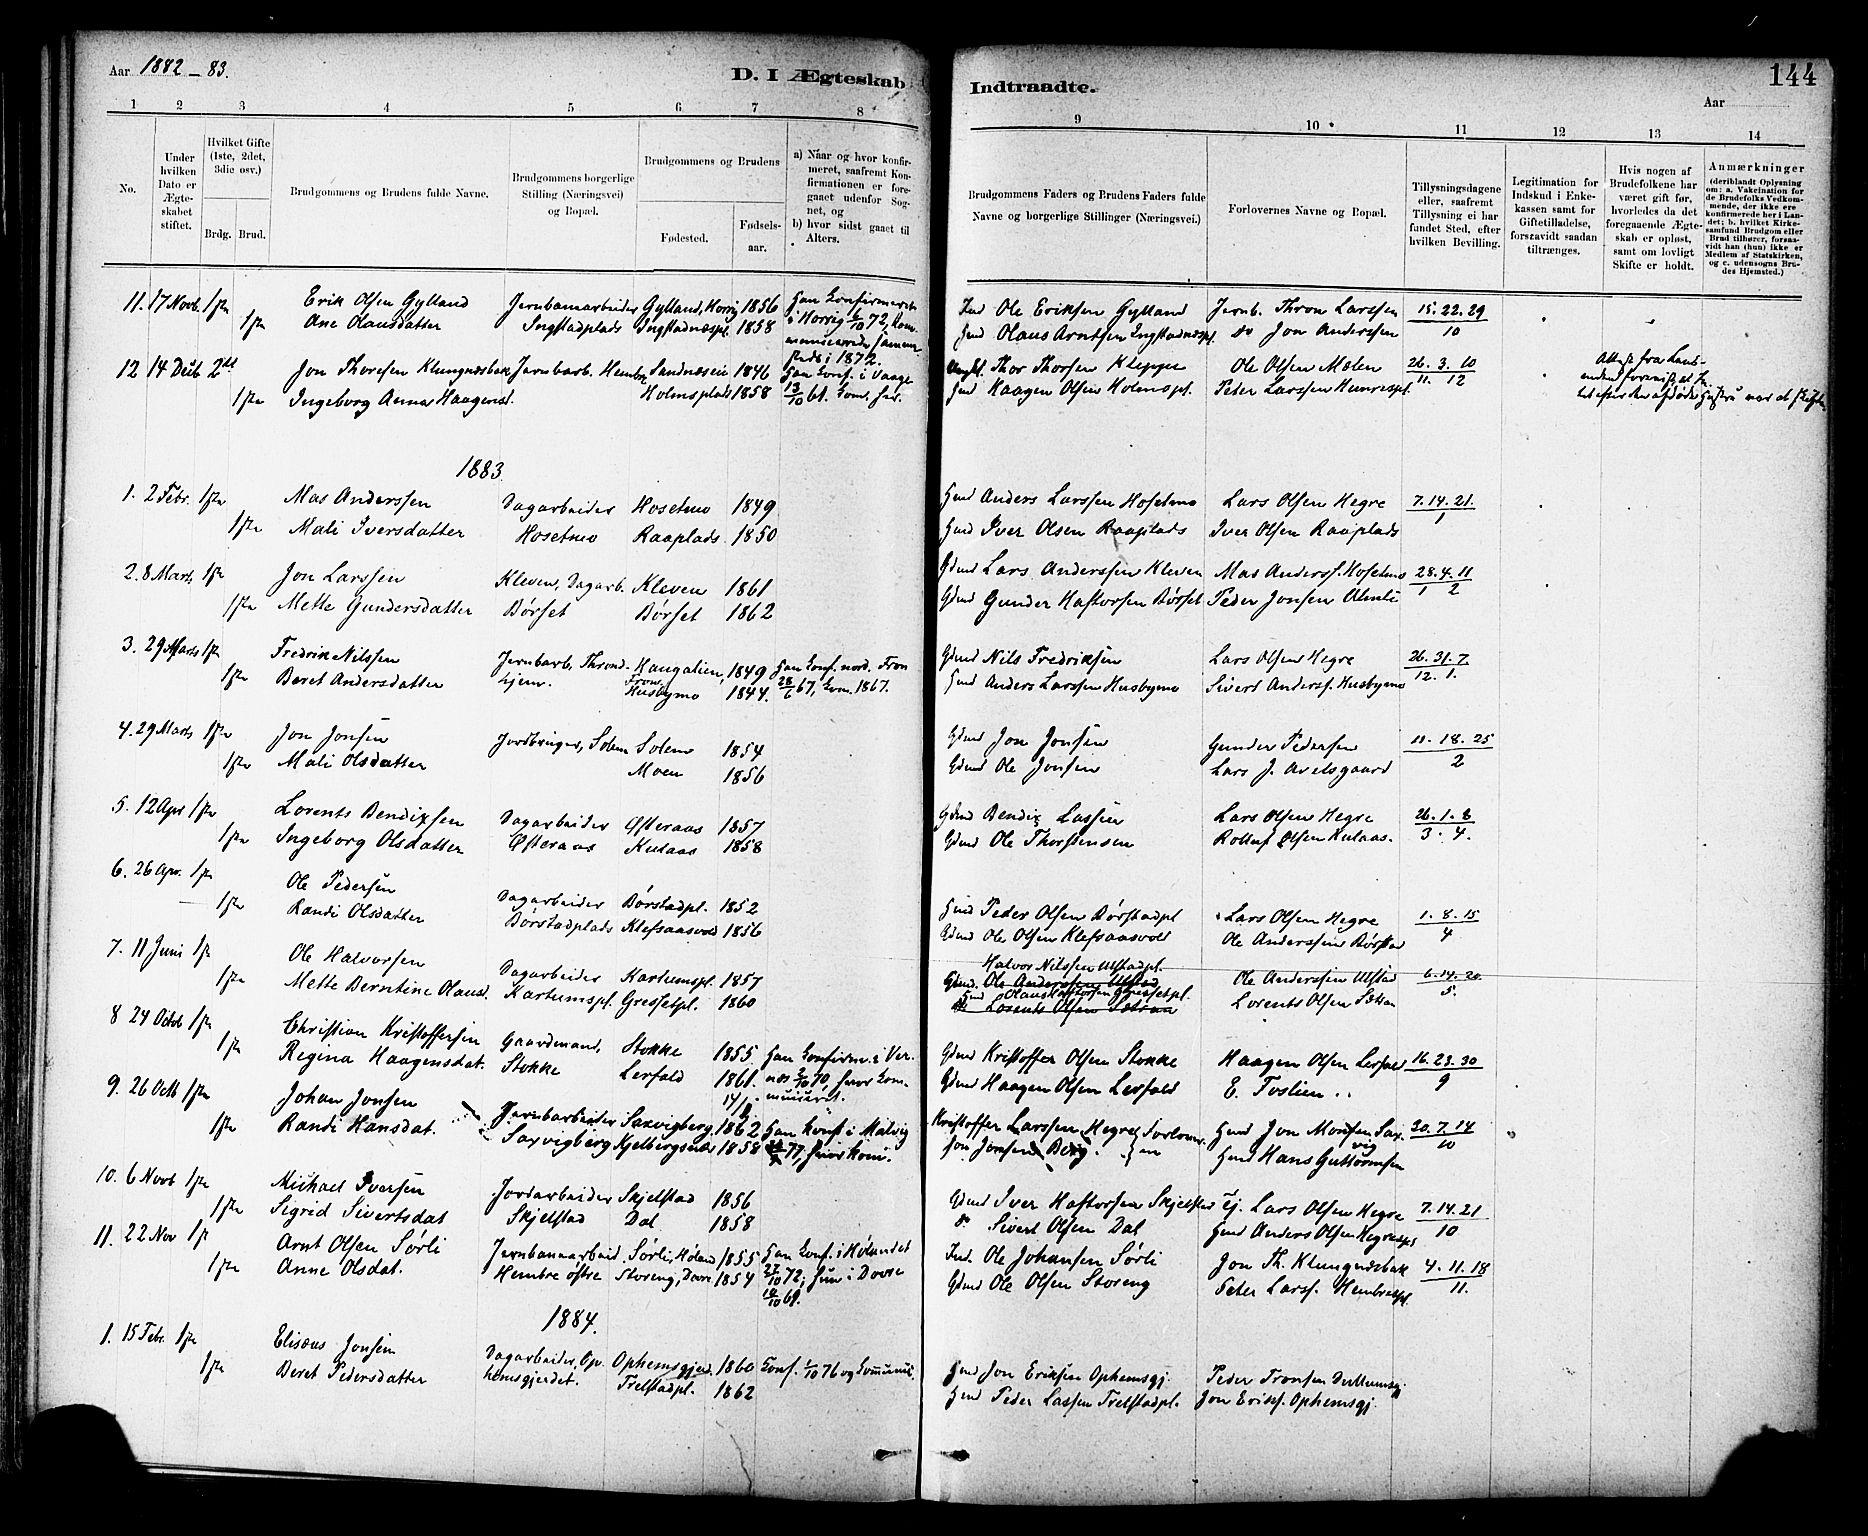 SAT, Ministerialprotokoller, klokkerbøker og fødselsregistre - Nord-Trøndelag, 703/L0030: Parish register (official) no. 703A03, 1880-1892, p. 144